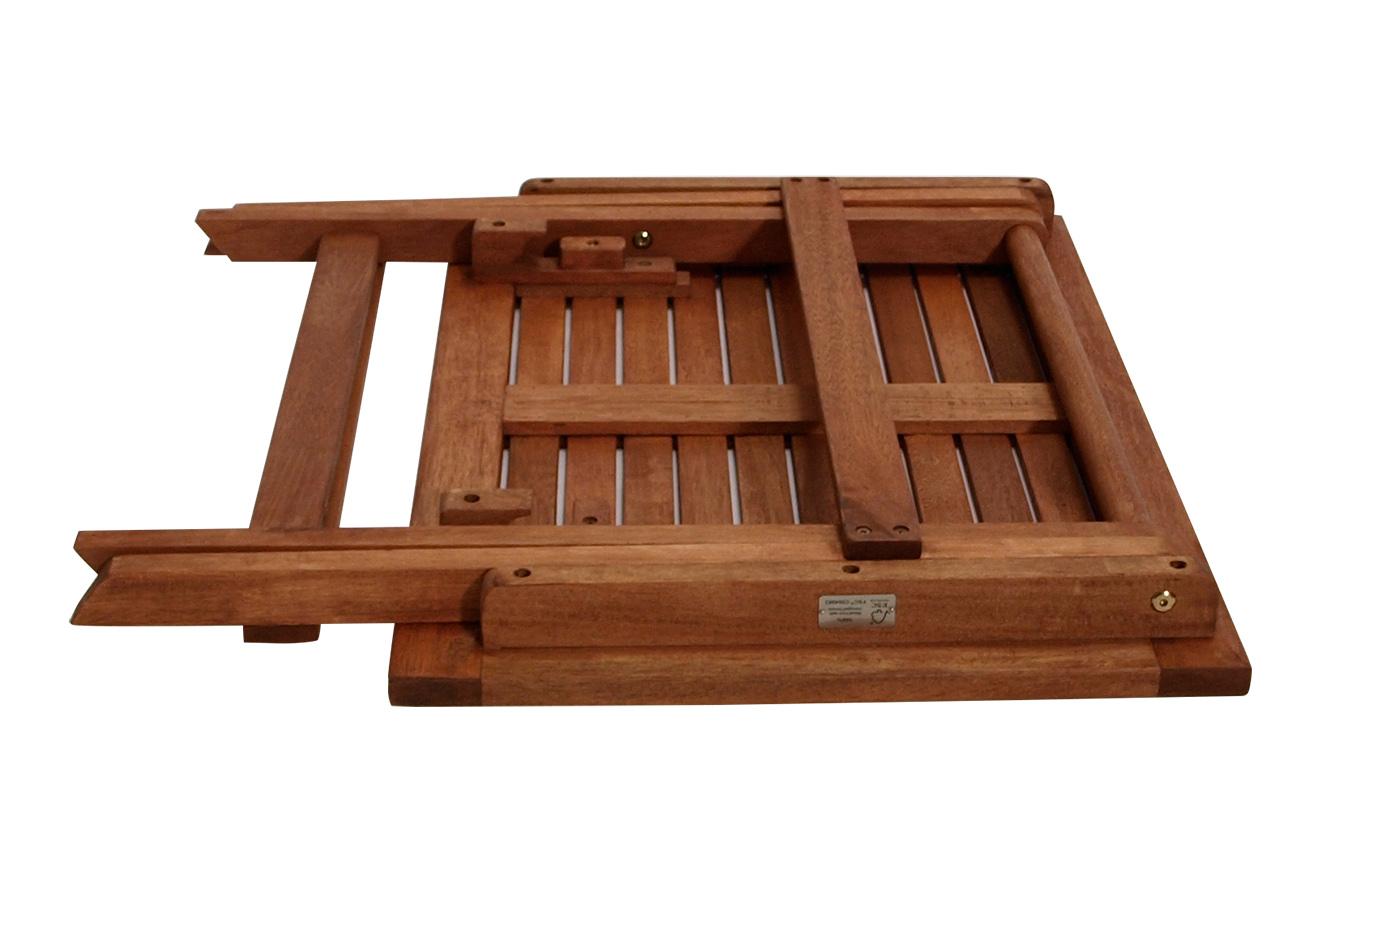 solider kinder klapptisch kindertisch ulla 60x45cm eukalyptusholz fsc zert ebay. Black Bedroom Furniture Sets. Home Design Ideas